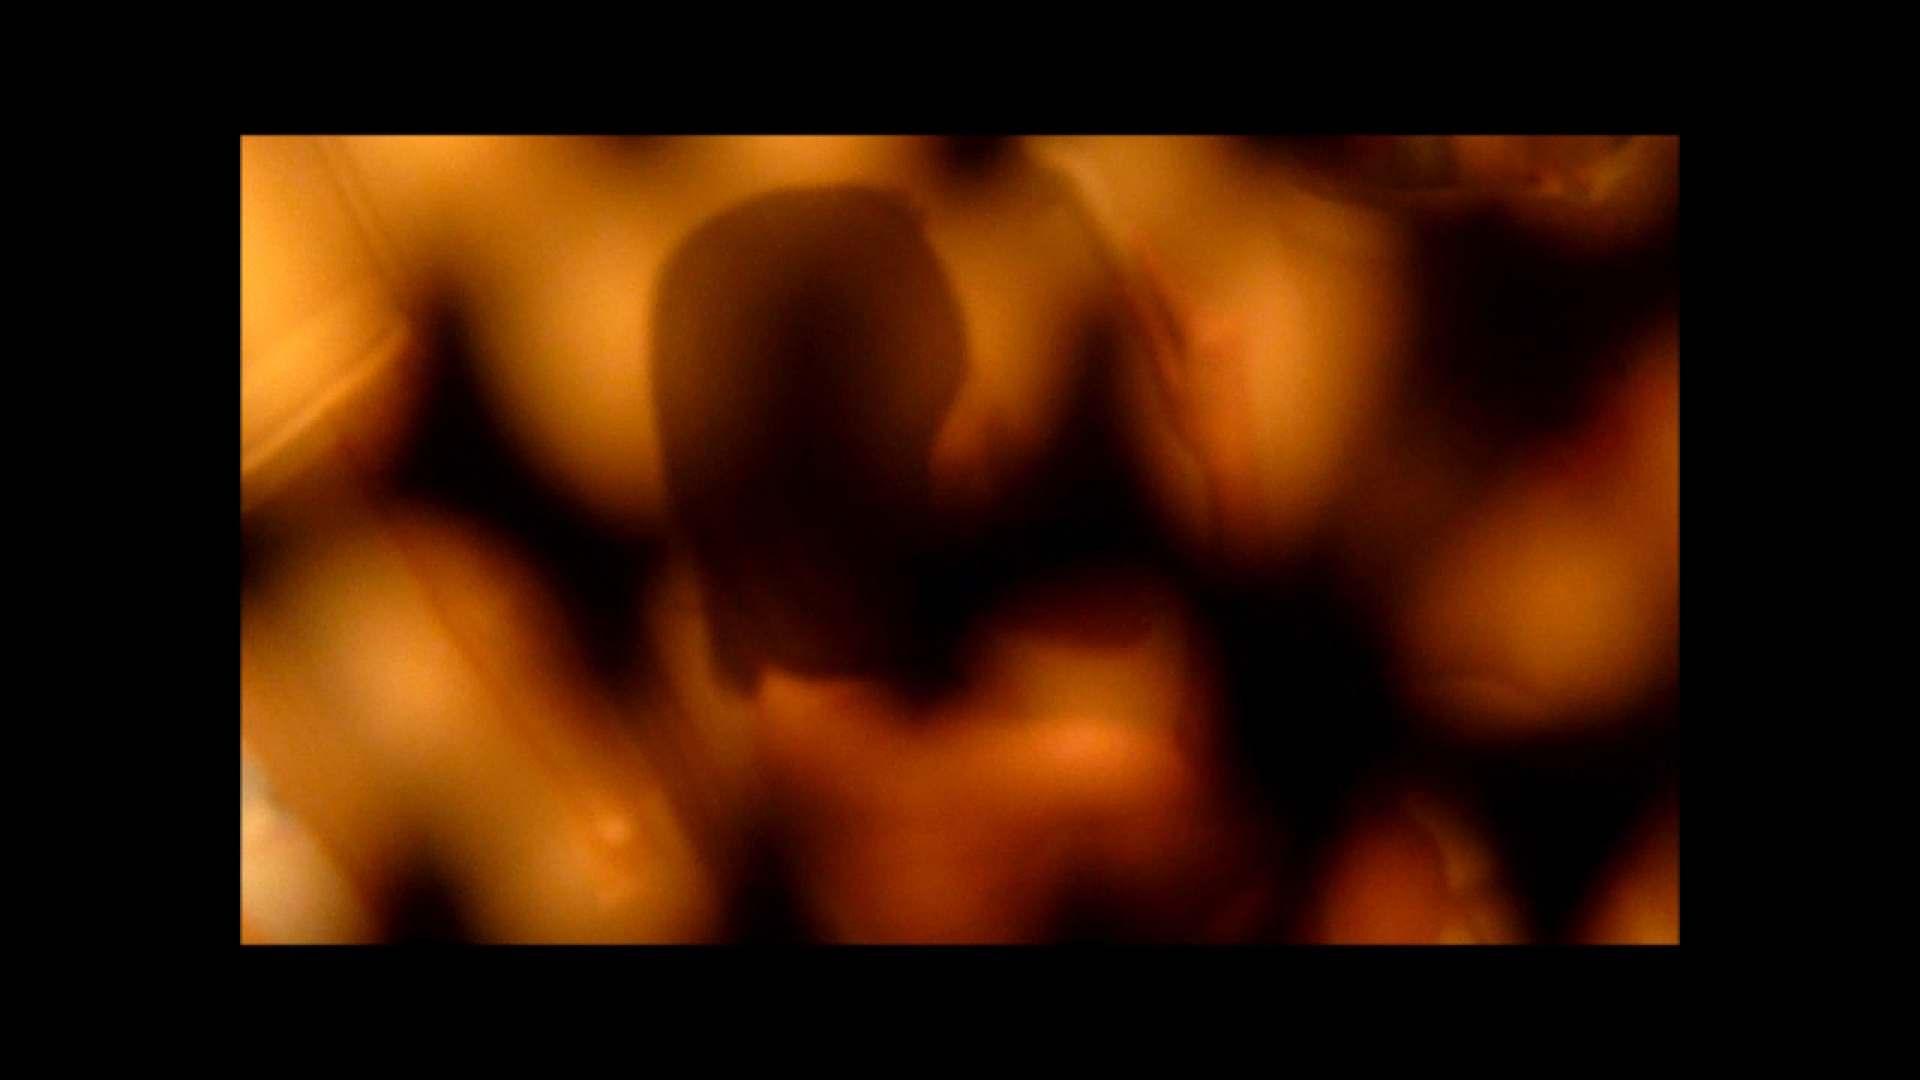 【02】ベランダに侵入して張り込みを始めて・・・やっと結果が出ました。 現役ギャル セックス無修正動画無料 79pic 52